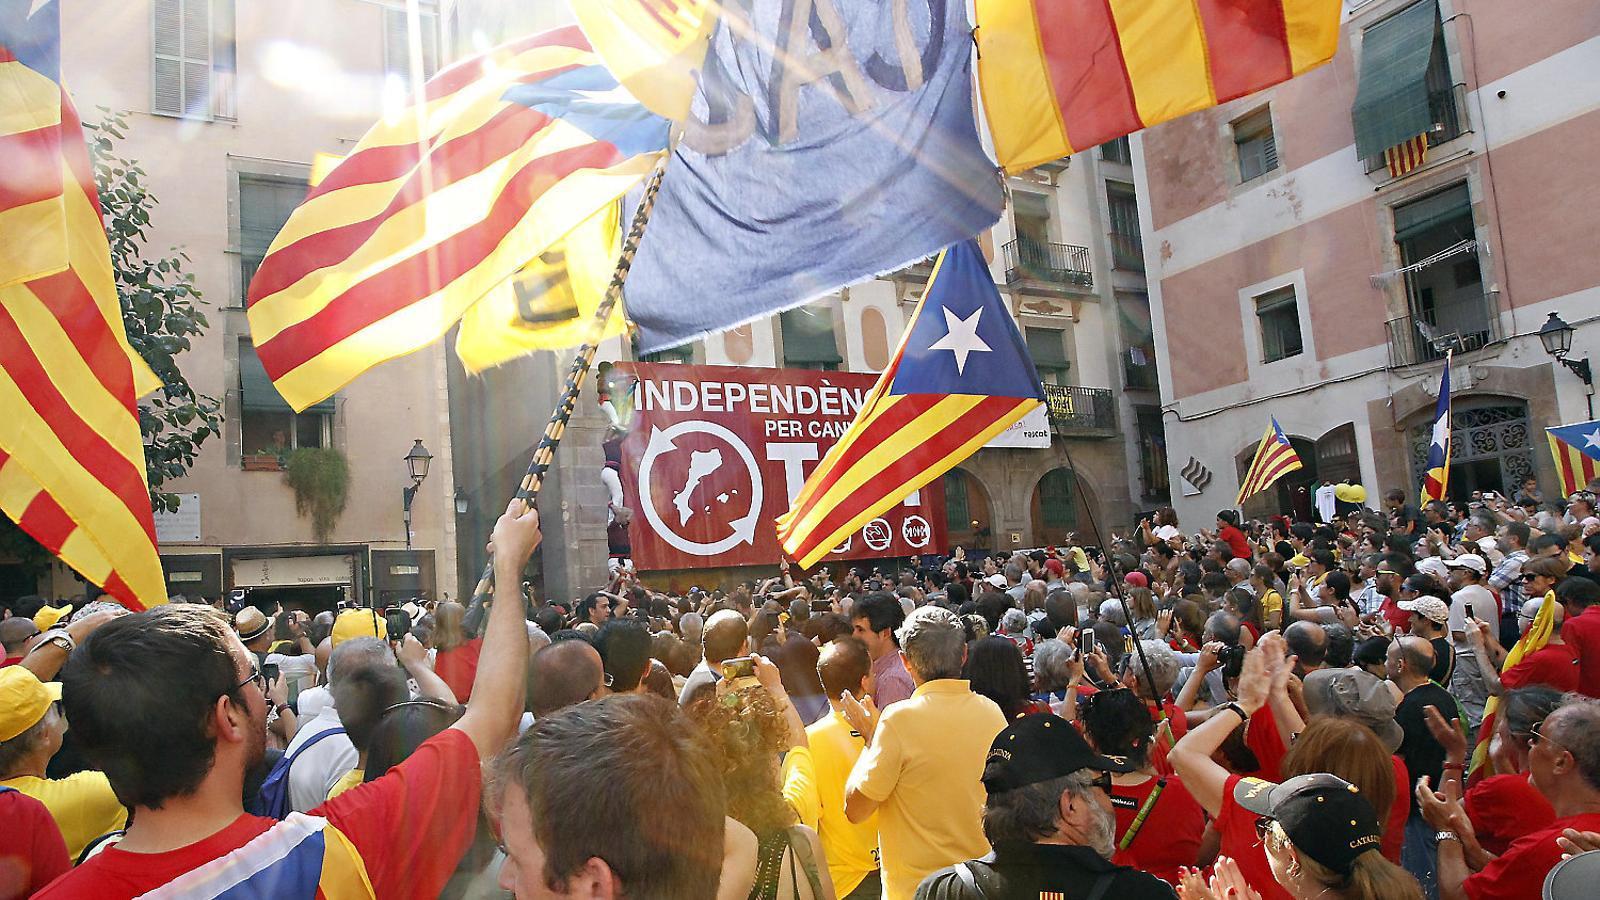 Manifestació durant la Diada de Catalunya a la plaça del Fossar de les Moreres de Barcelona, on l'esquerra independentista es mobilitza cada 11 de setembre a favor de l'alliberament nacional dels Països Catalans. / XAVIER BERTRAL